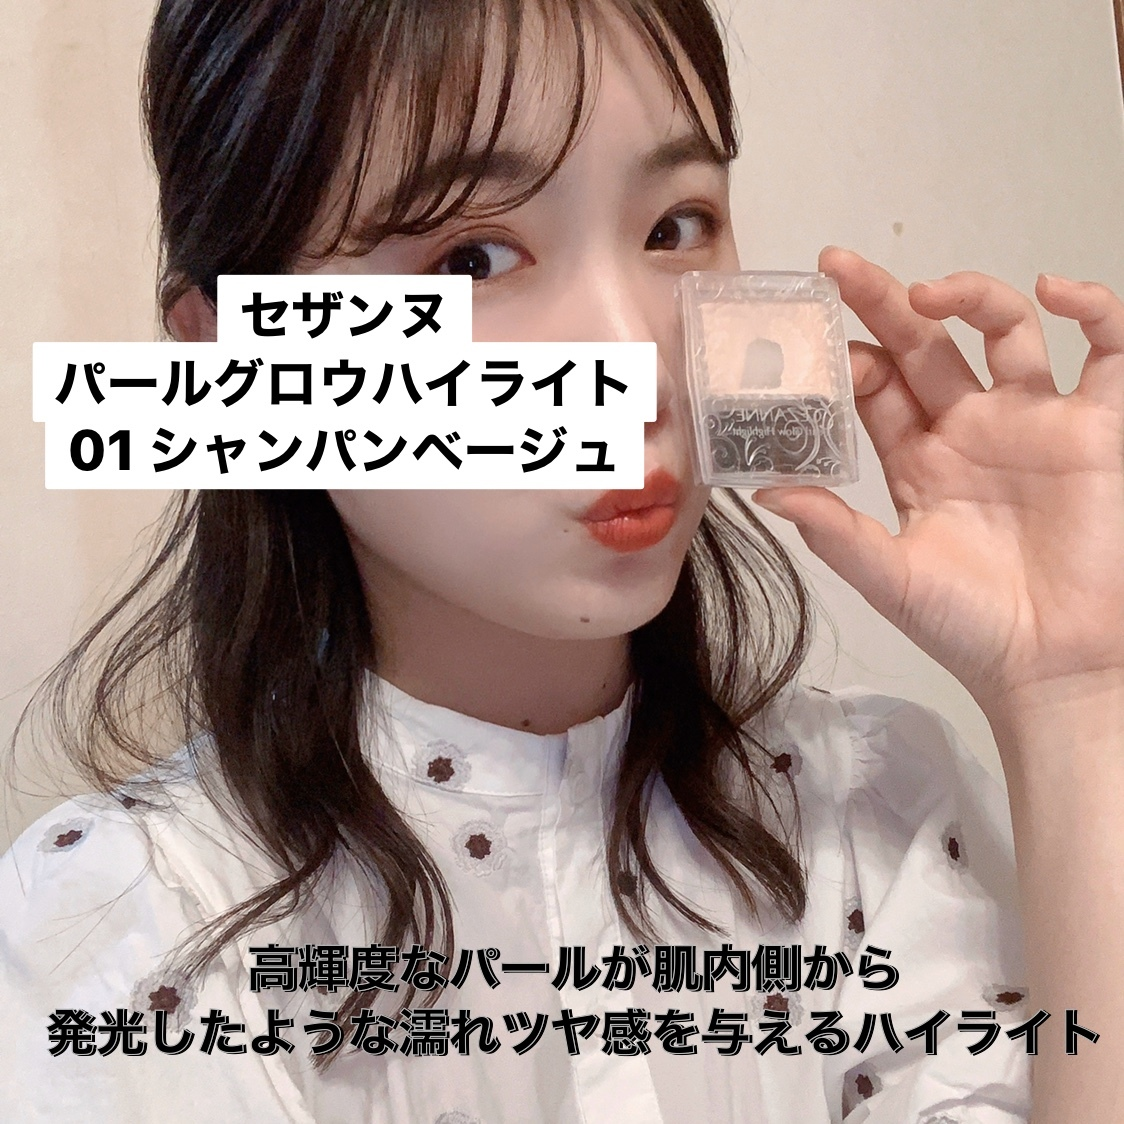 【CEZANNE】ハイライトでぷるるんリップが作れちゃう!_1_2